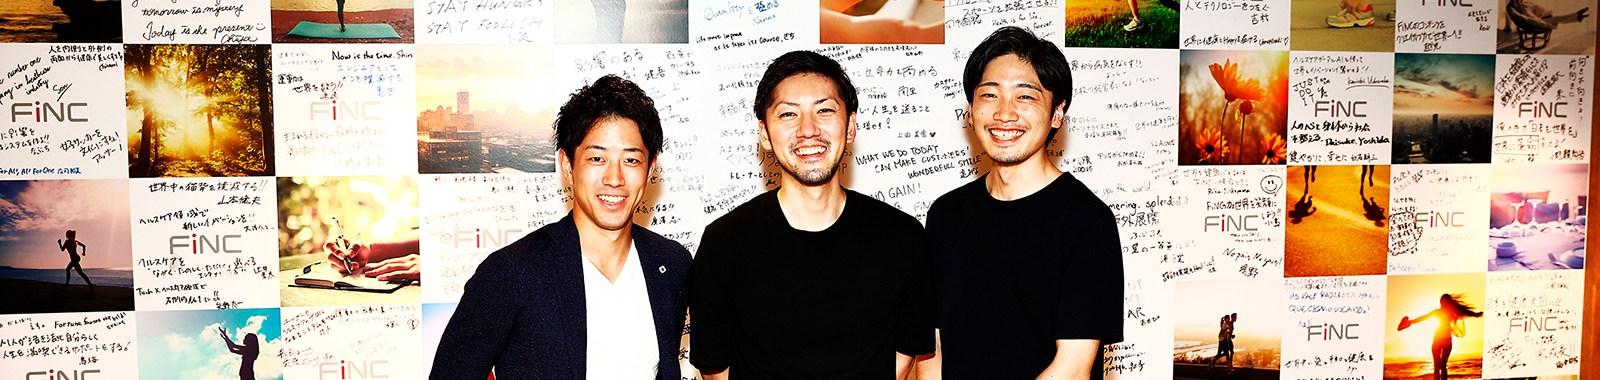 左からフェイスブックの水谷氏、FiNC Technologiesの小出氏、藤原氏